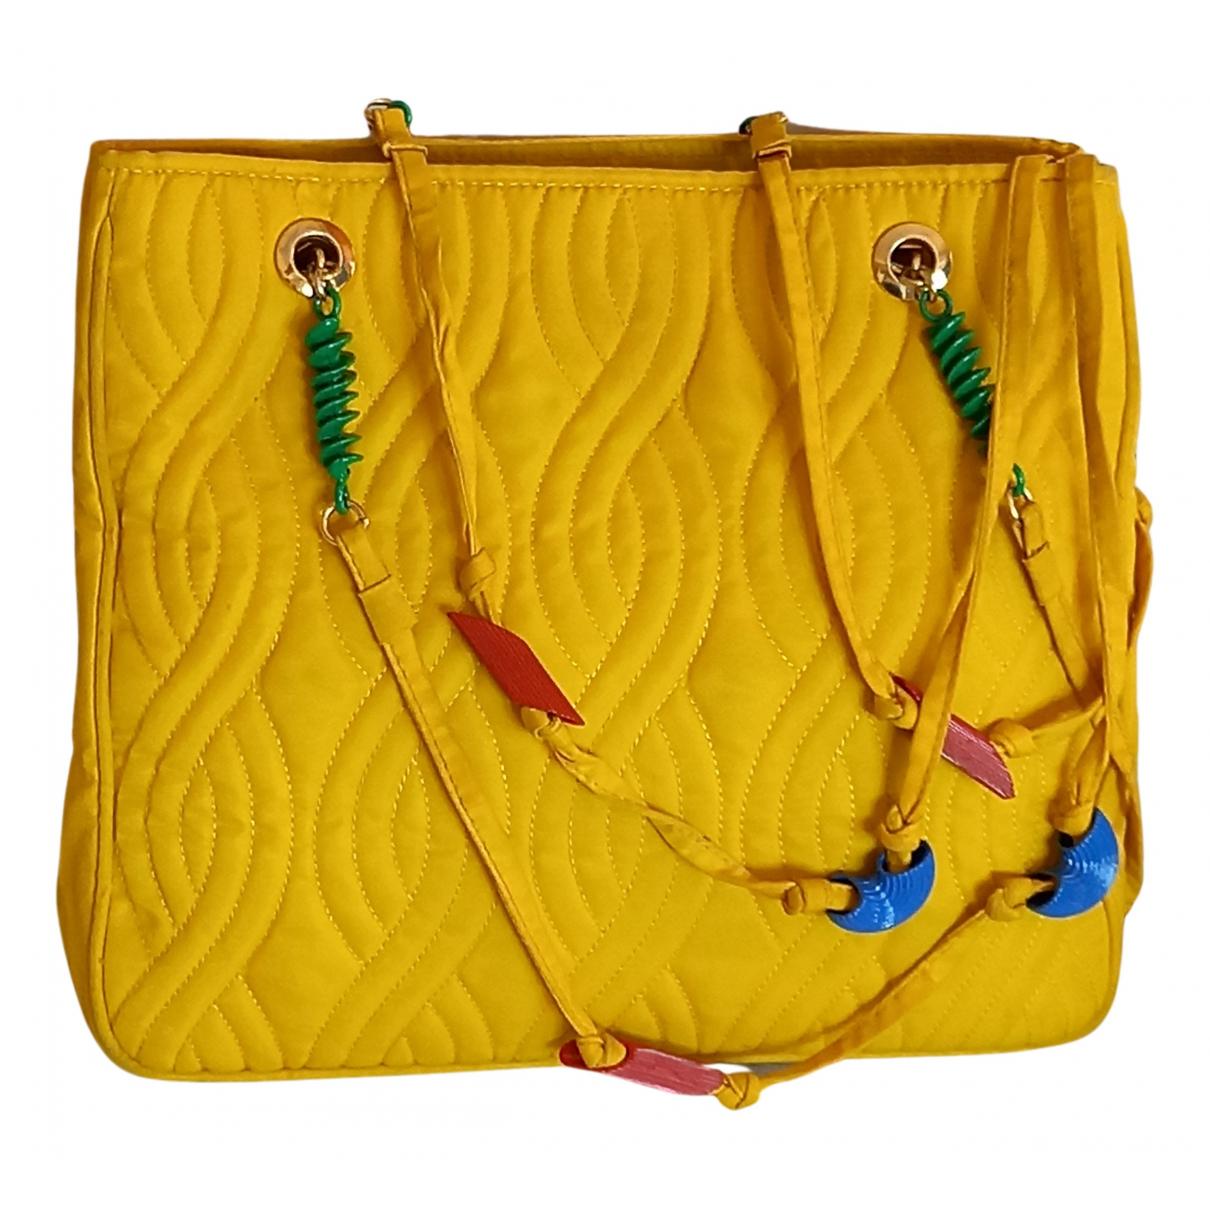 Fendi \N Handtasche in  Gelb Leinen